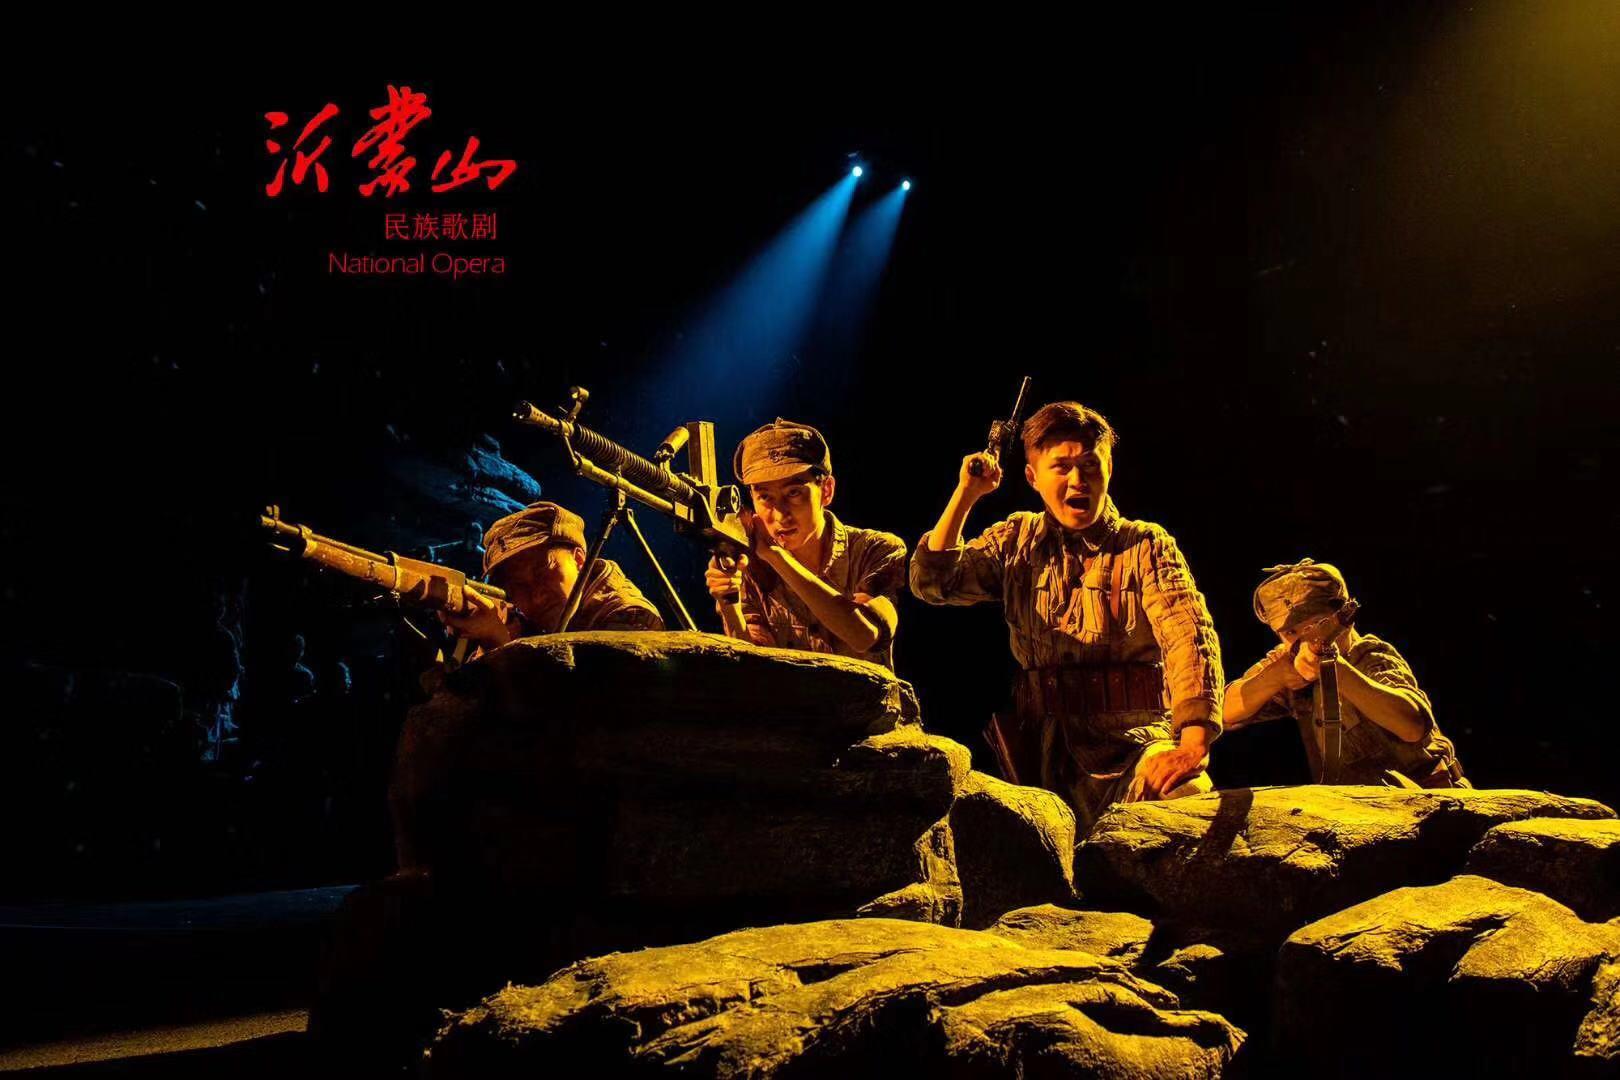 第二十一届中国上海国际艺术节唯一民族歌剧《沂蒙山》上演